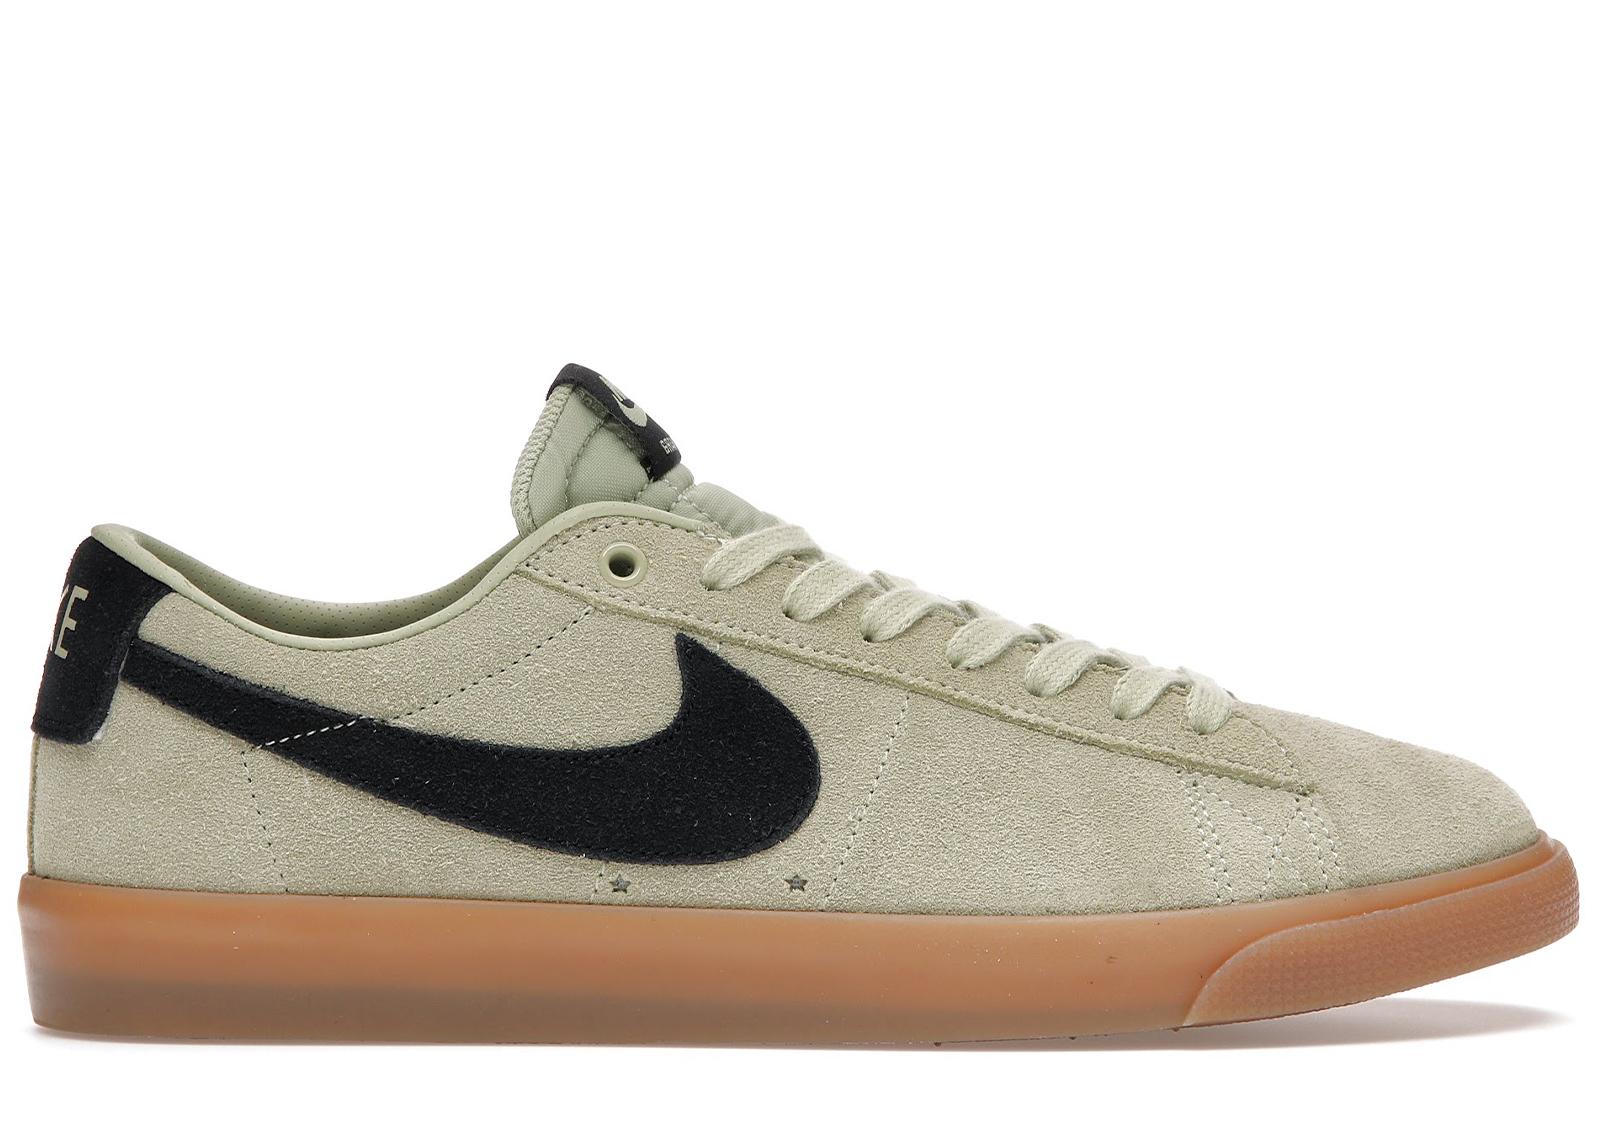 Nike SB Blazer Low GT Olive Aura - 704939-303